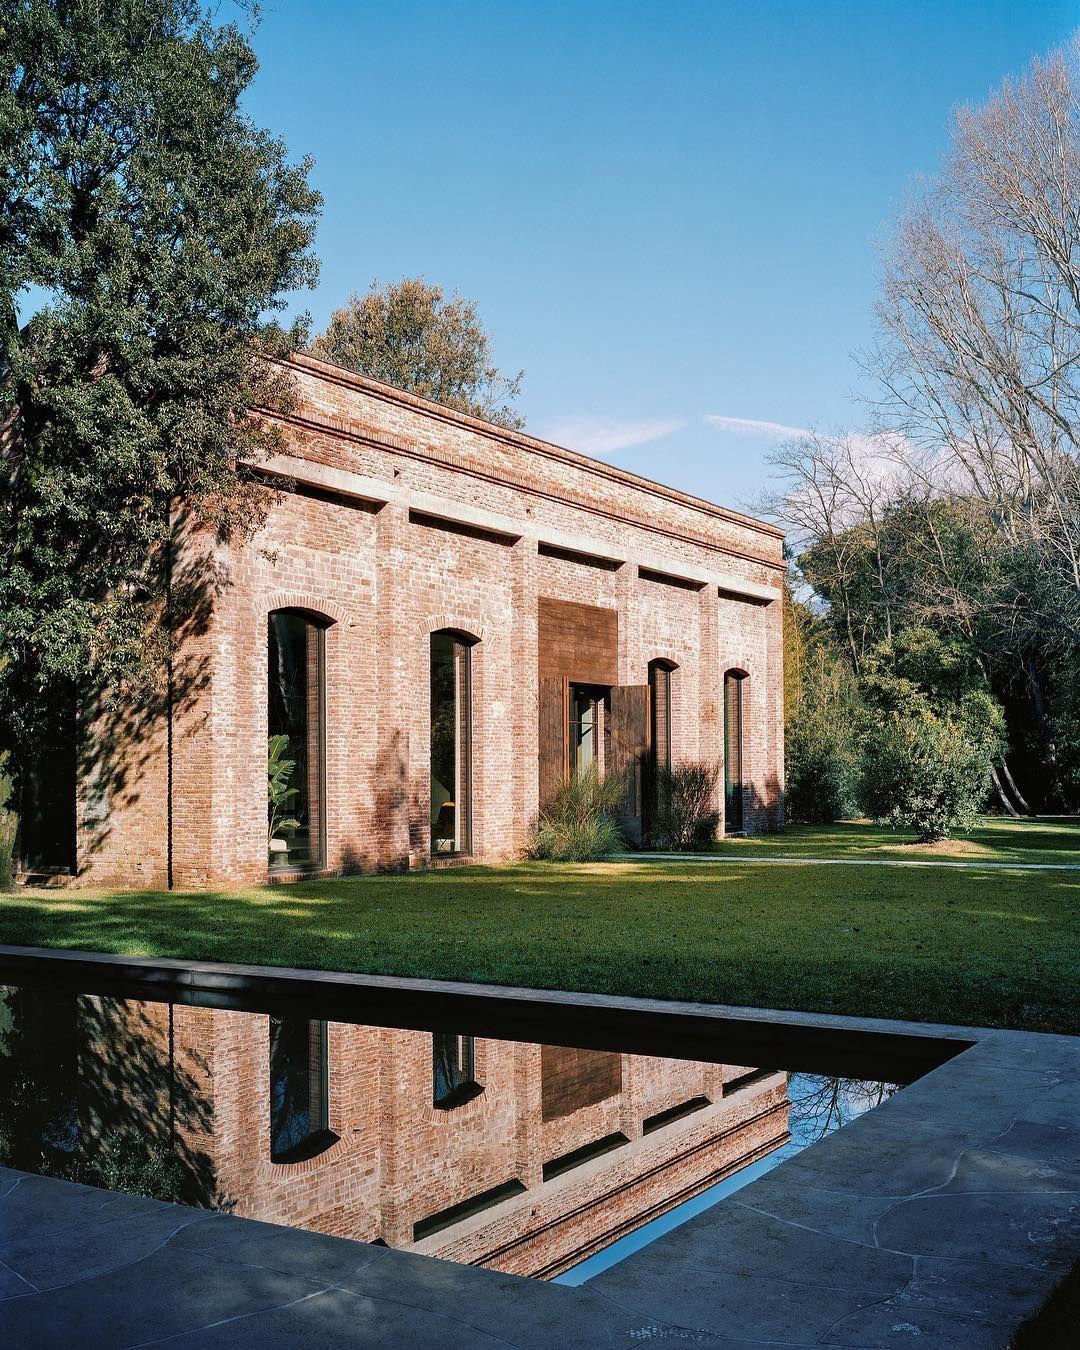 Domus aurea residence in mexico by alberto campo baeza bvs 169 - Alberto Campo Baeza Offices For Junta Castilla Y Le N Architecture Pinterest Spain And Architecture